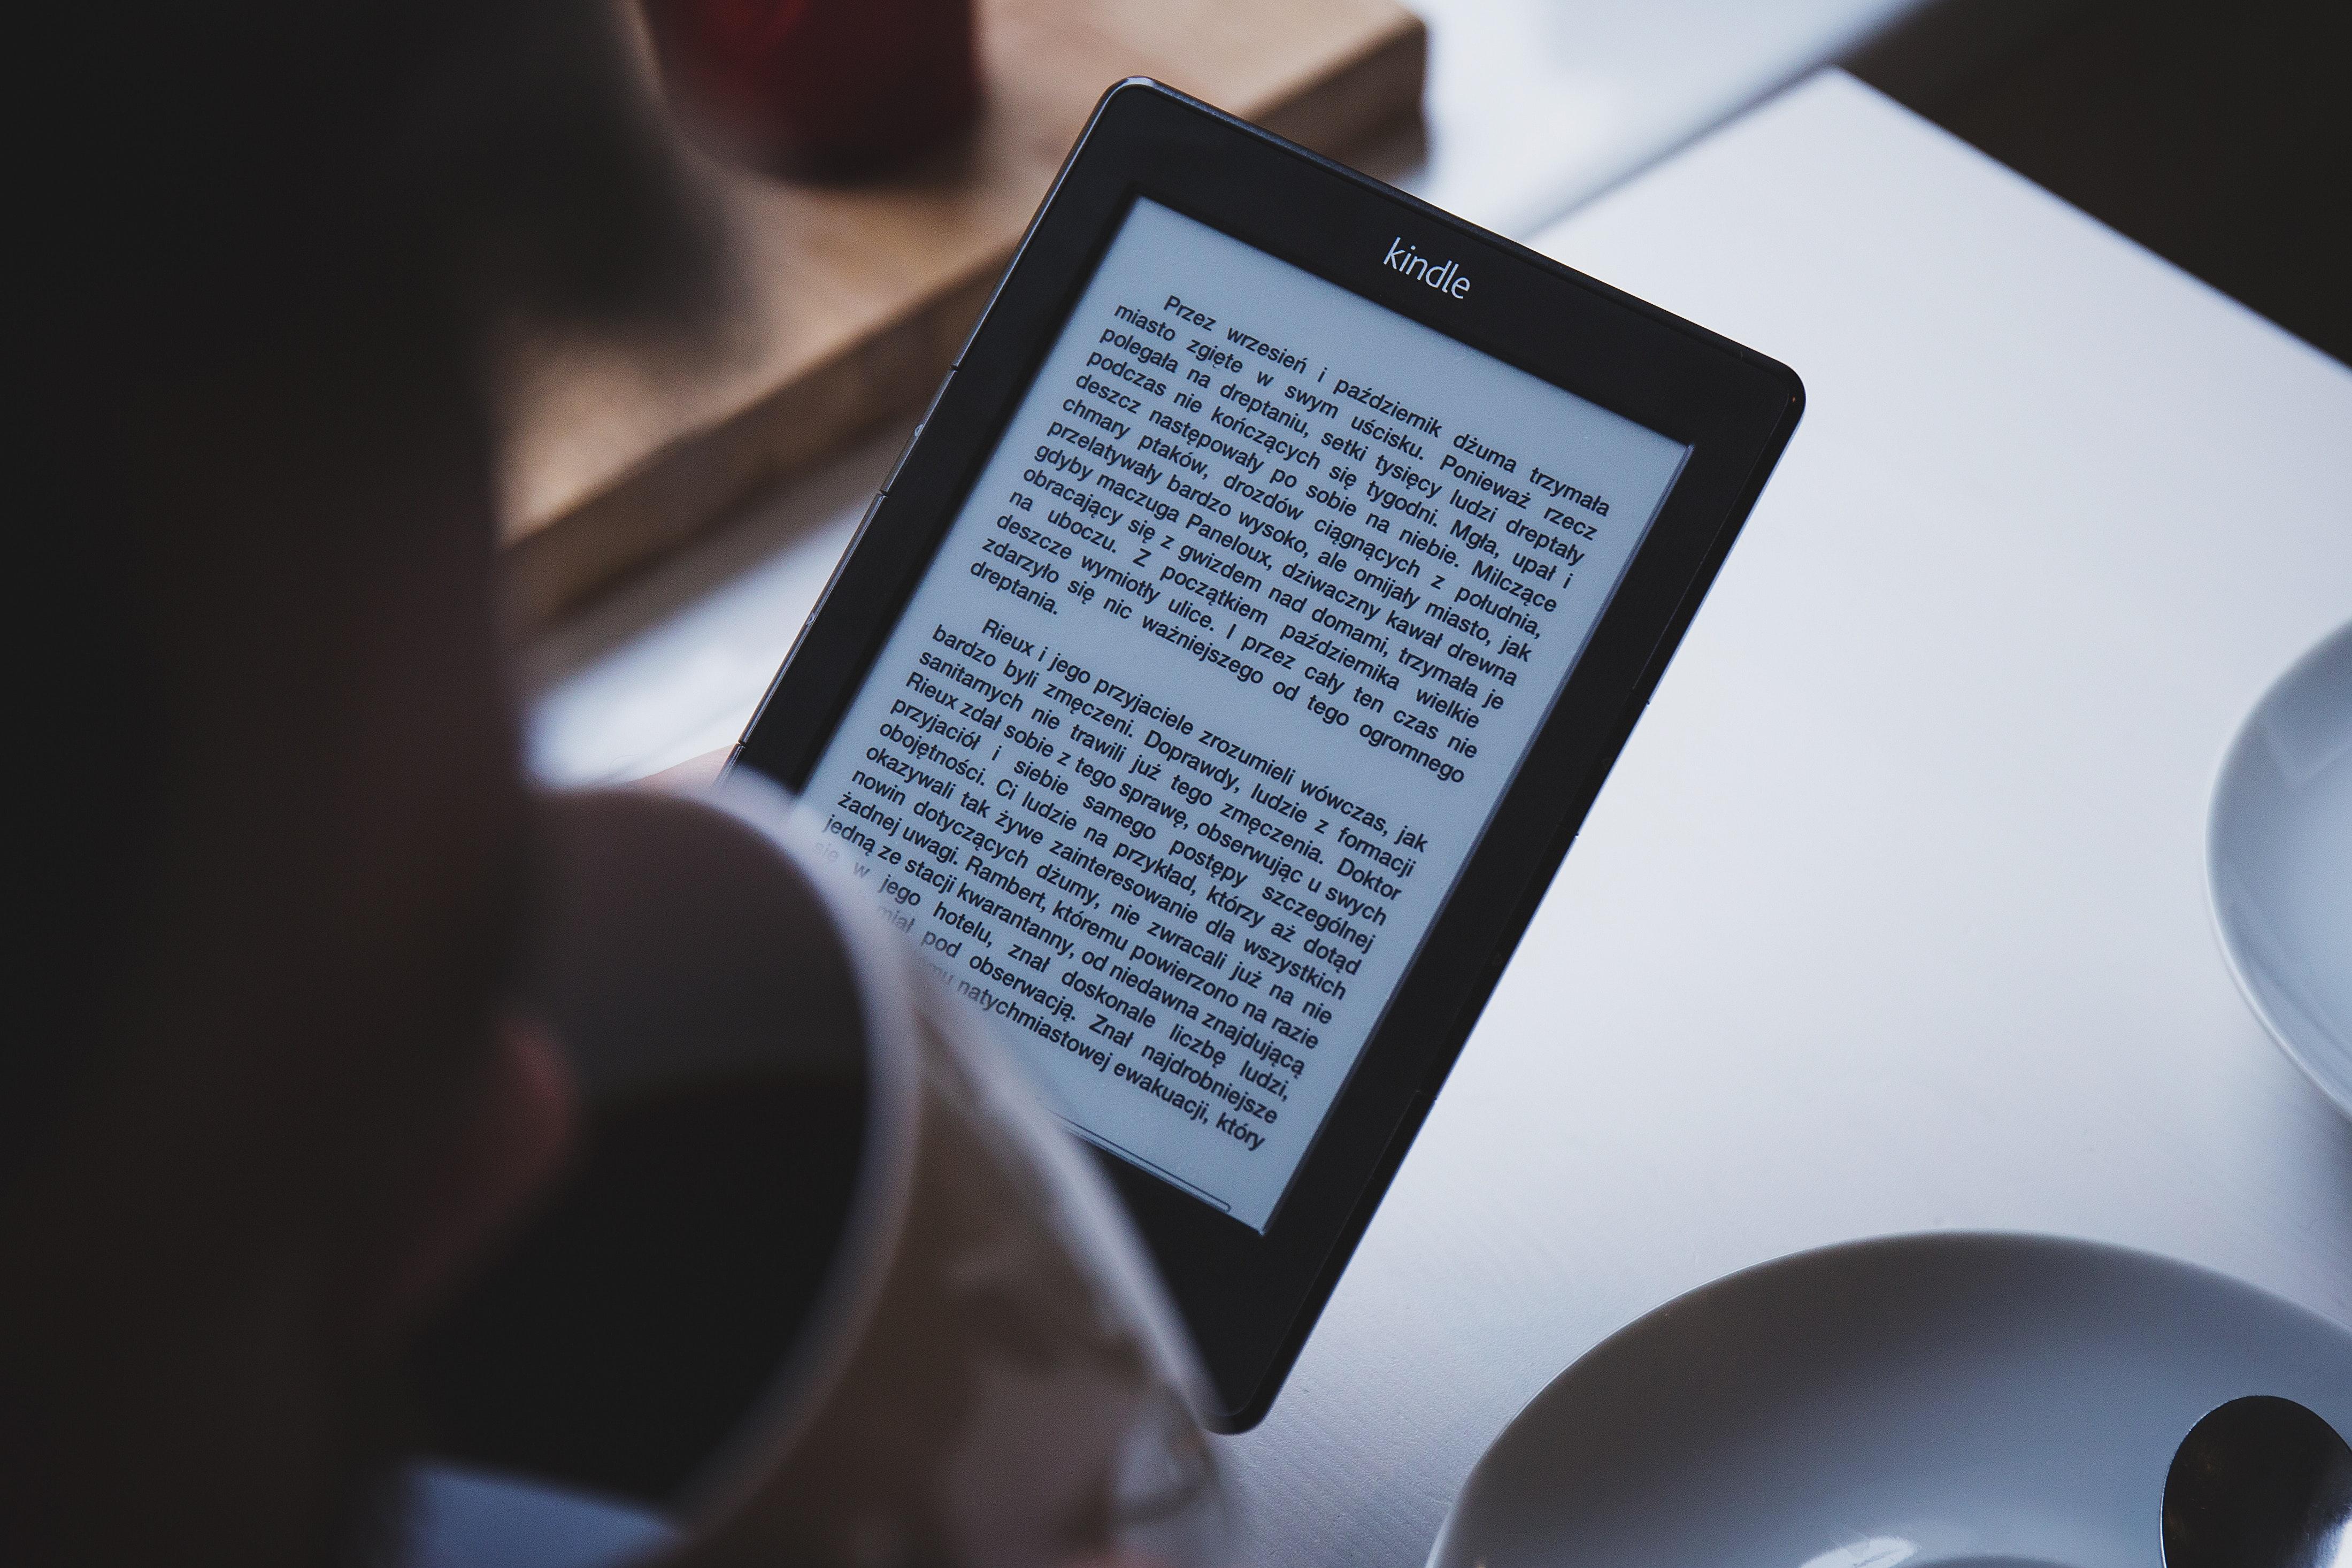 Kindle og Onyx e bogslæsere hos eBookReader.dk